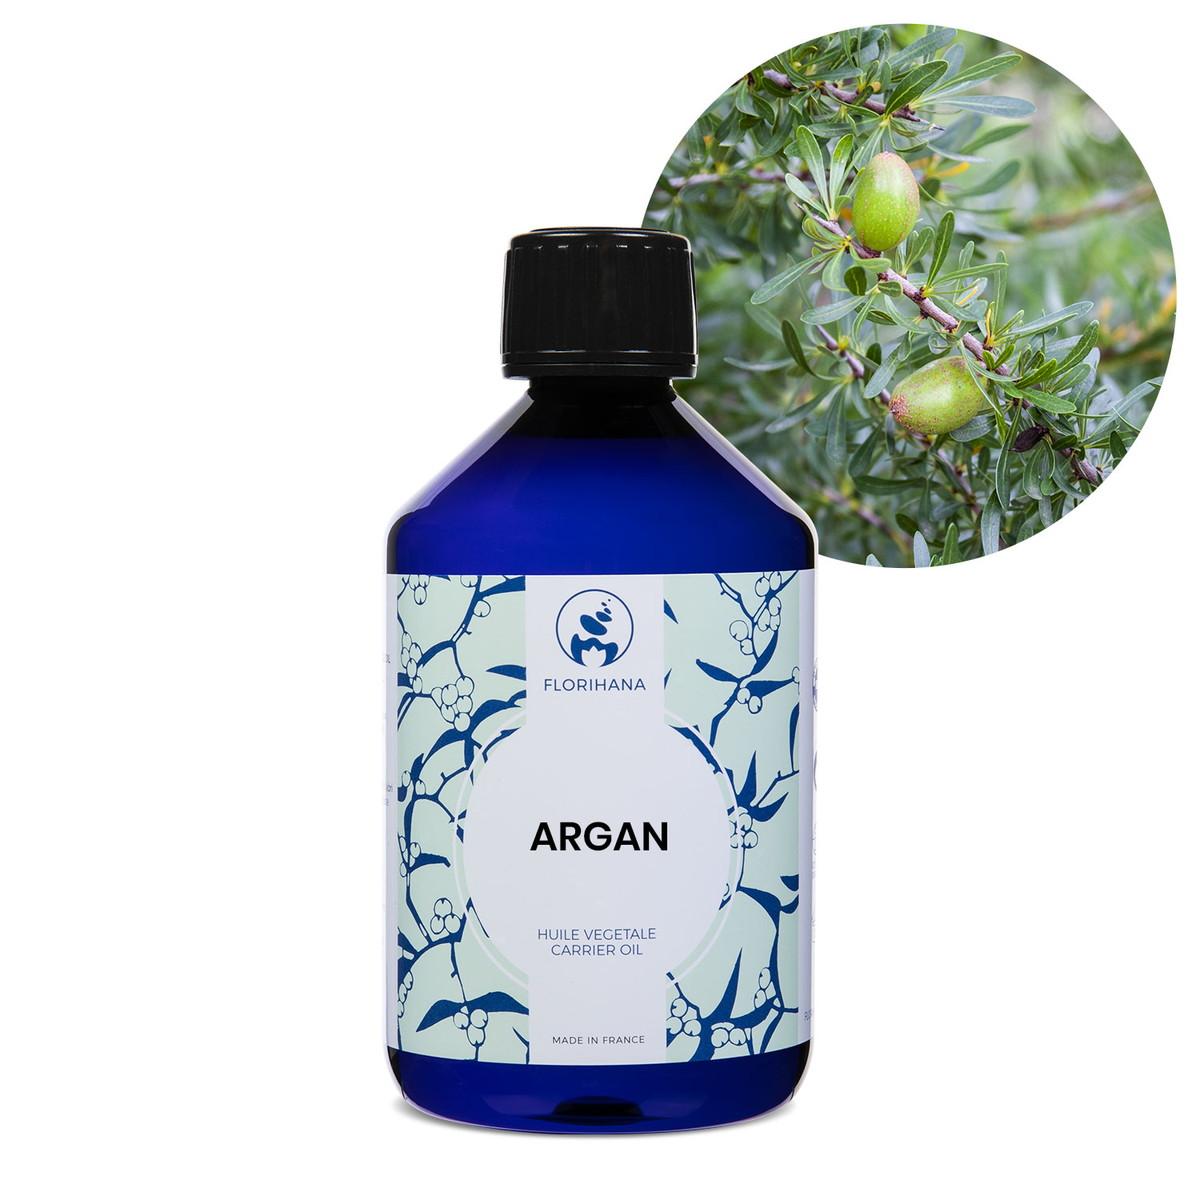 オーガニック 有機 天然 ピュア 植物油 500ml 数量は多 キャリアオイル 未精製 買物 ベースオイル アルガン